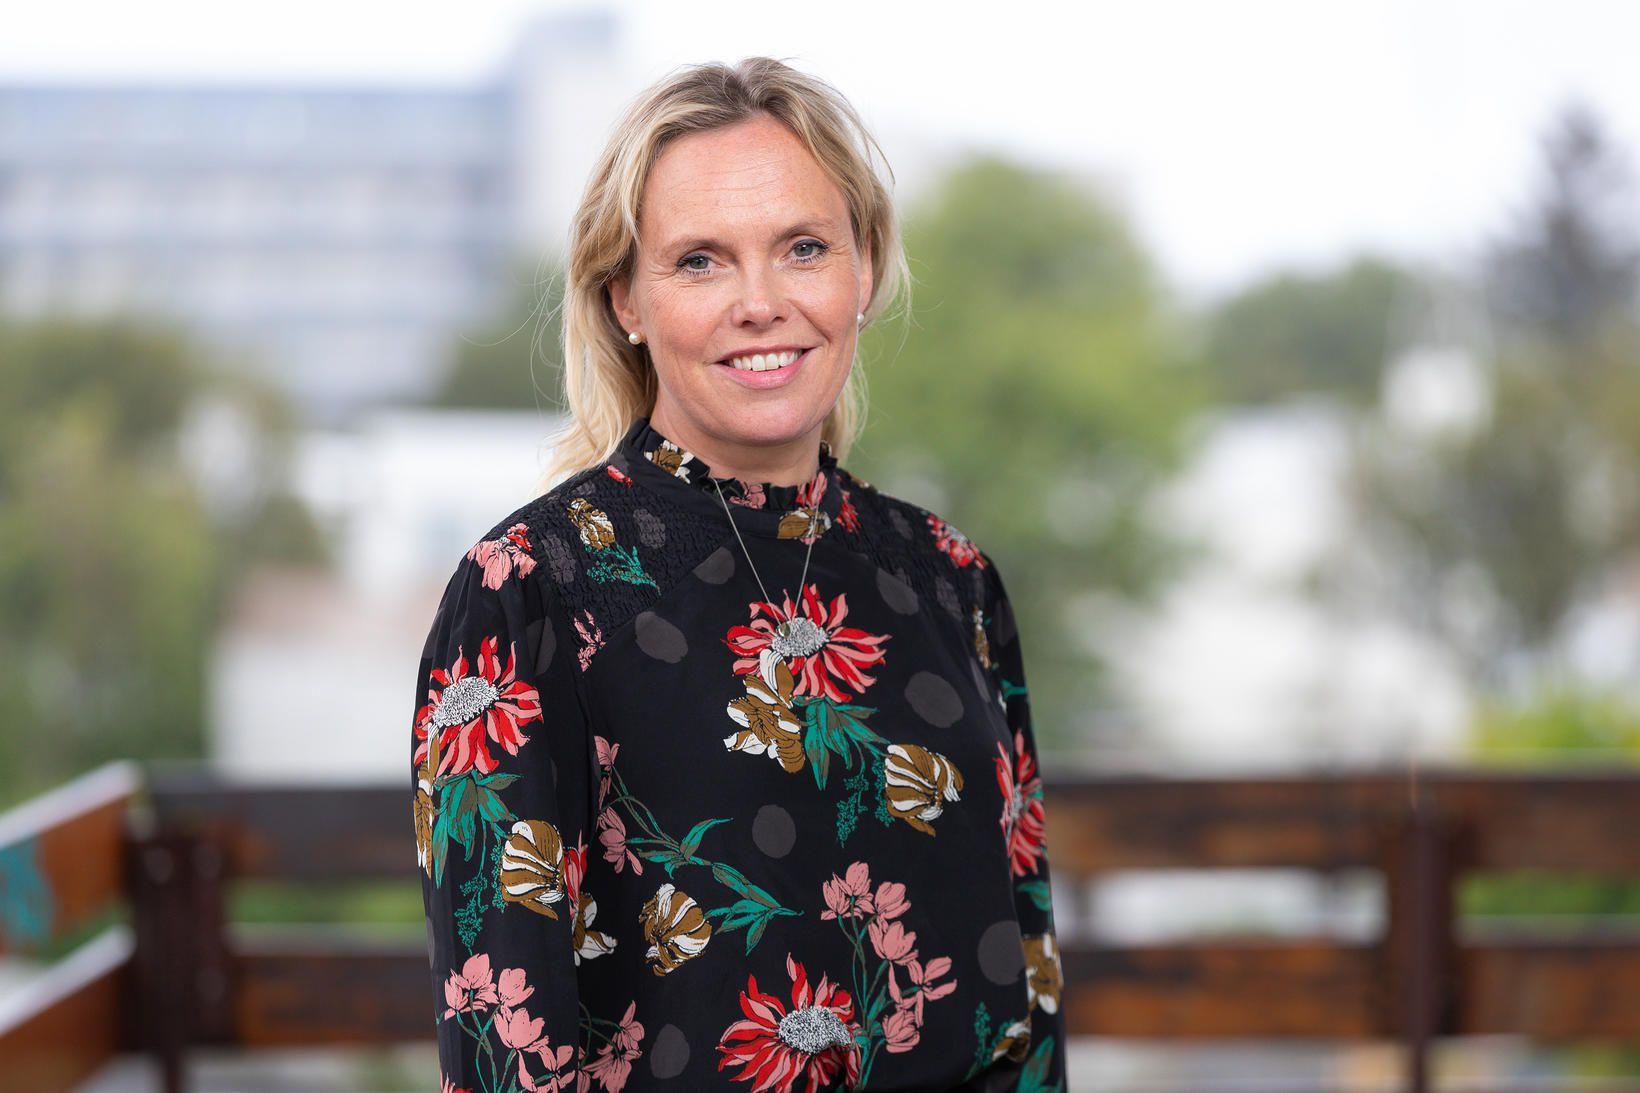 Stefanía Guðrún Halldórsdóttir verður framkvæmdastjóri Eyris Sprota II.